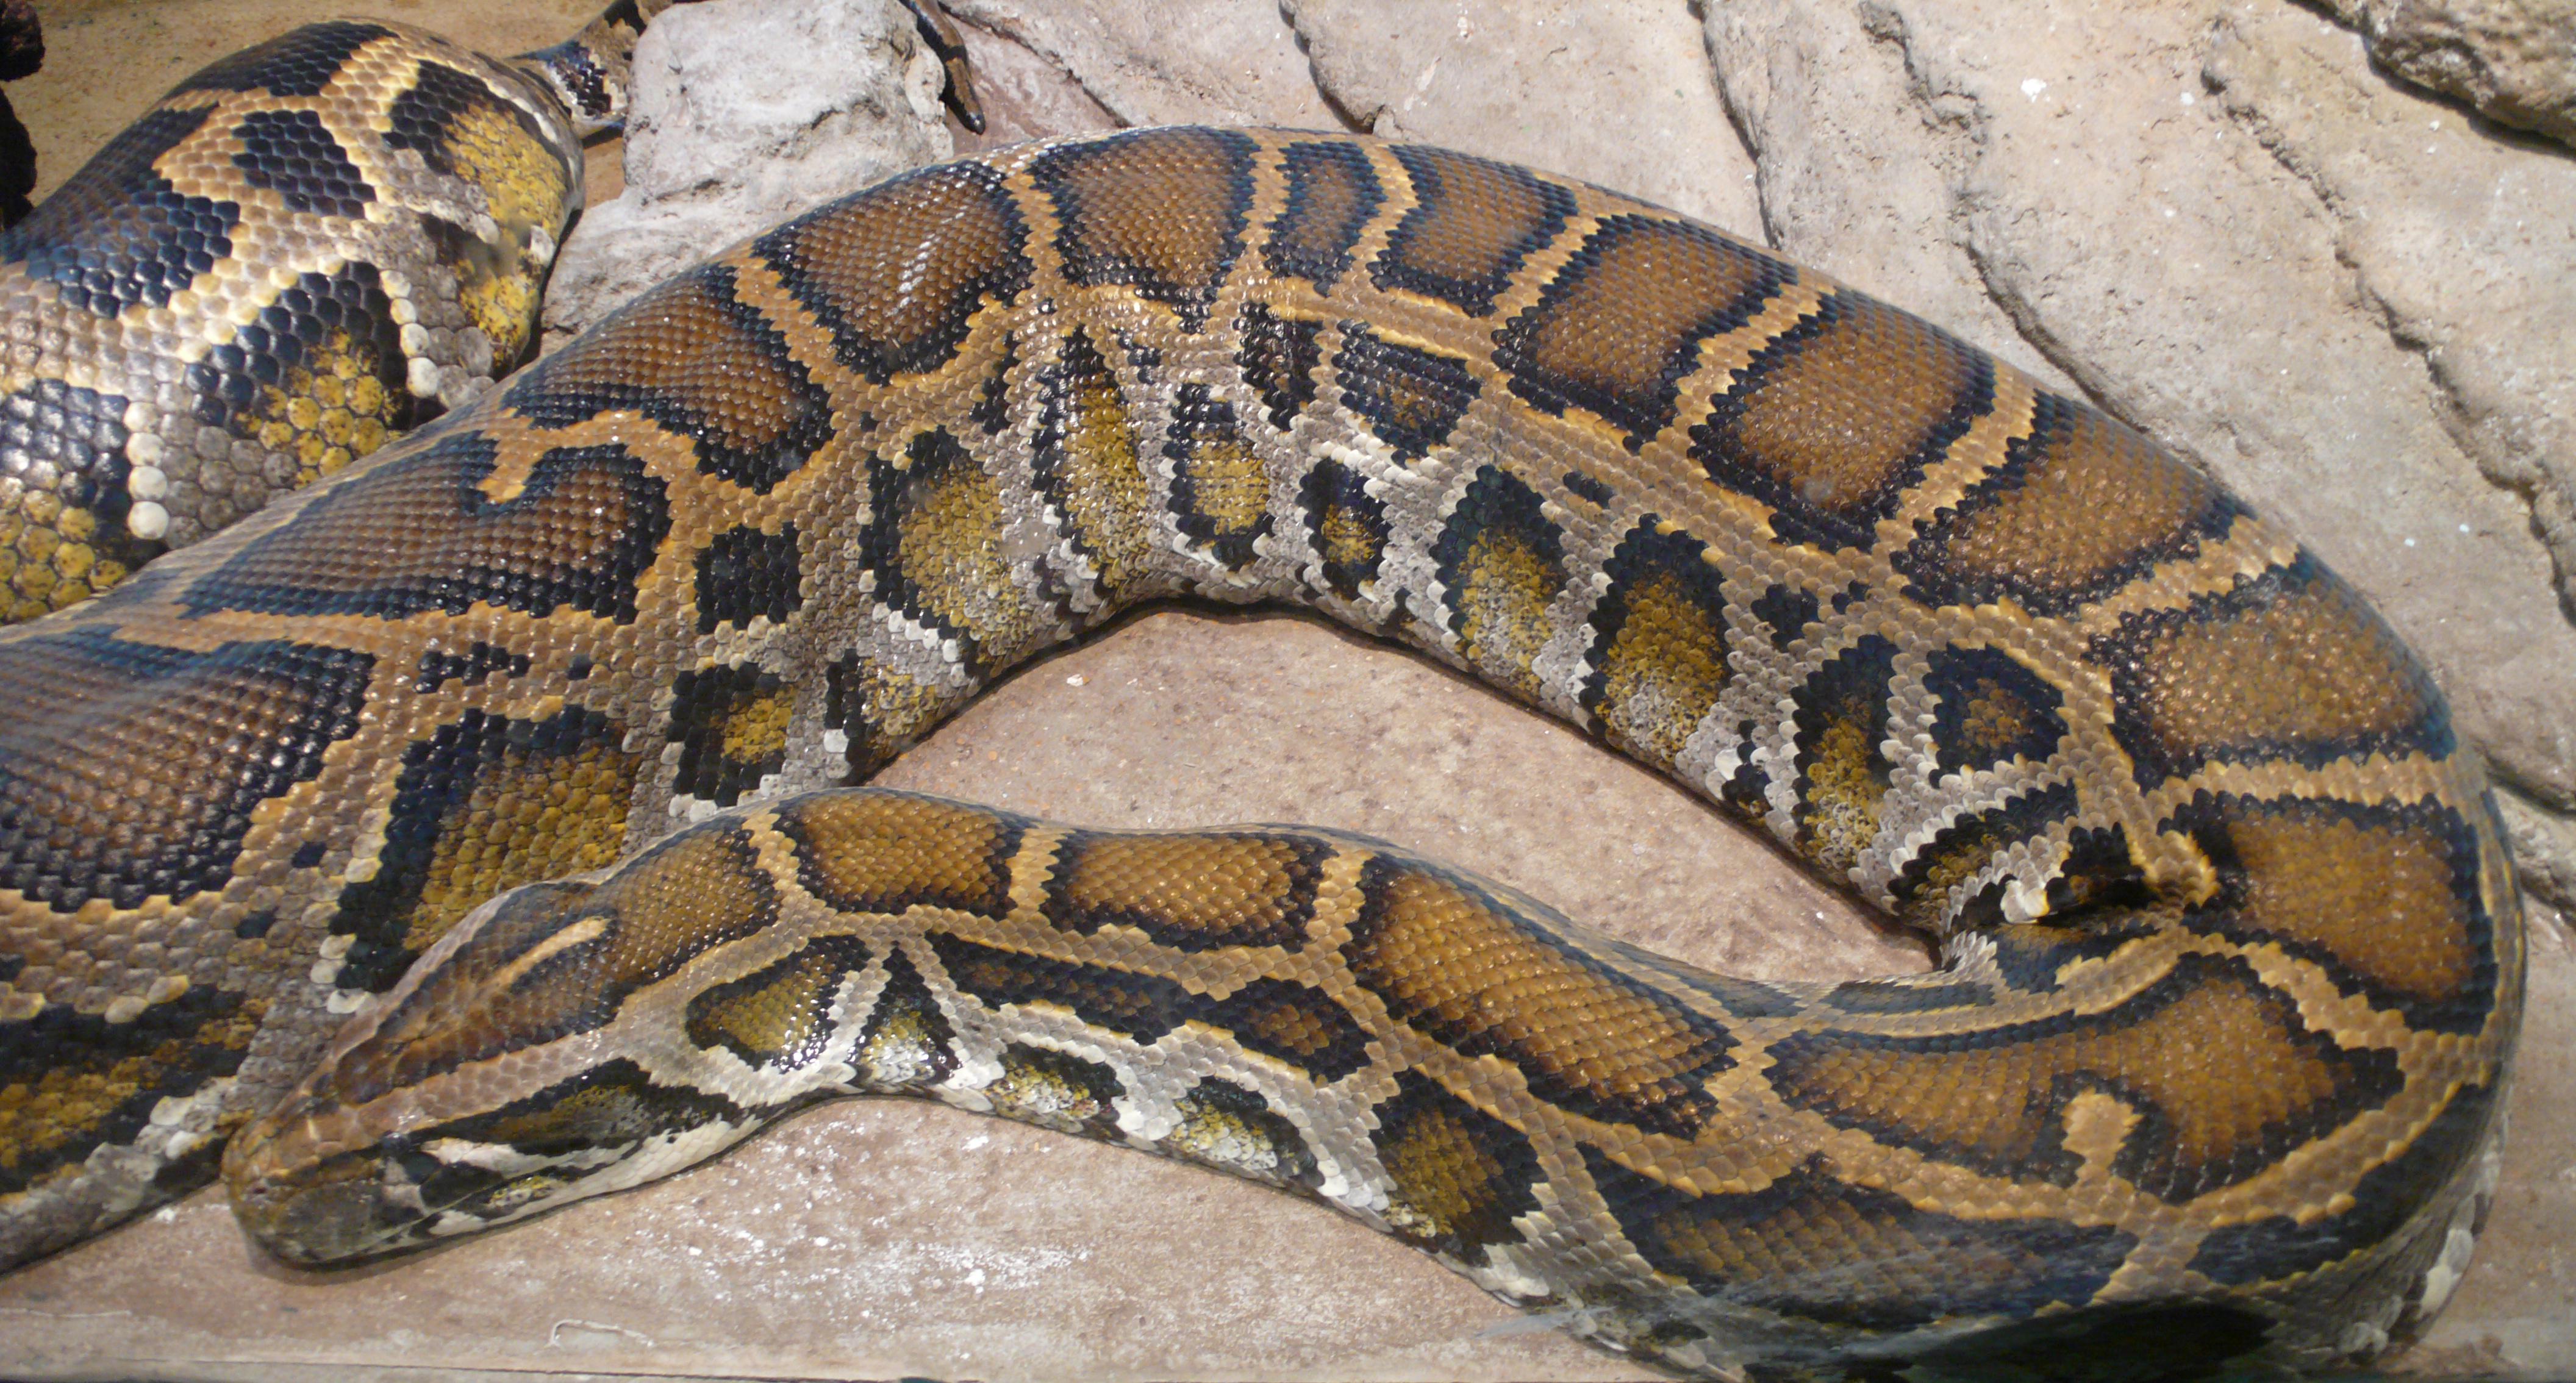 Le serpent de Sainte-Anne pourrait-il être une « mule » ?